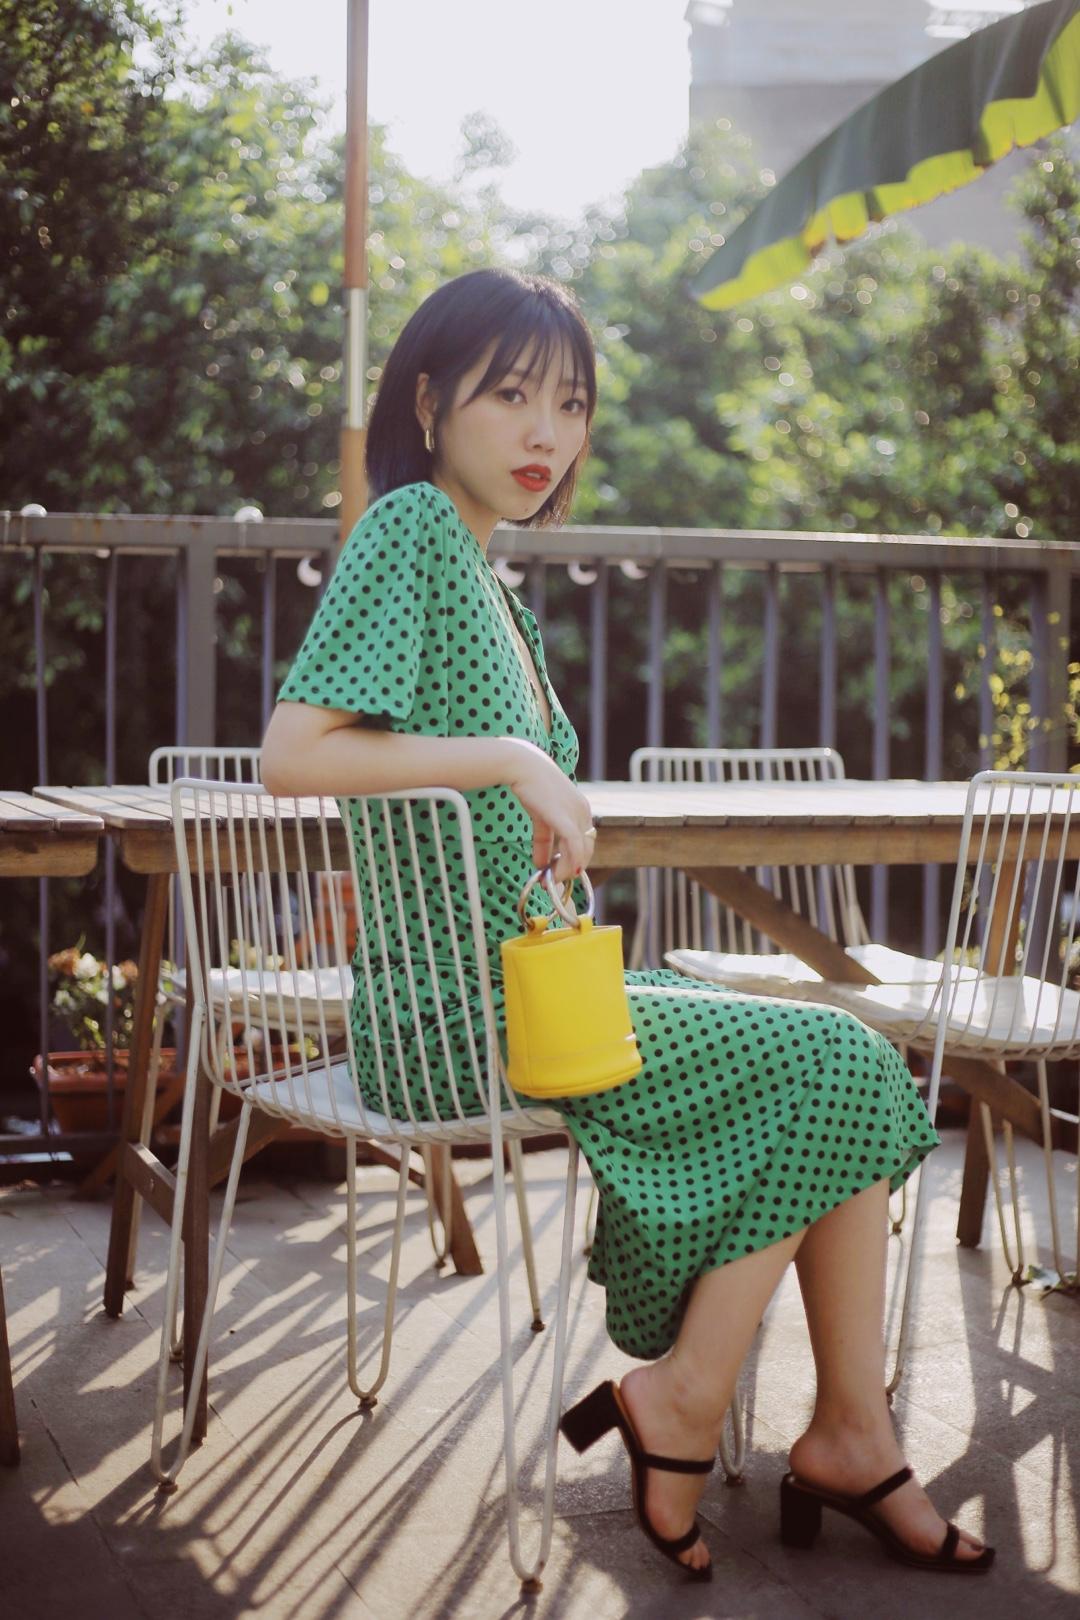 💚依然是绿色look💚 春日里爱上了黄色 夏季里对绿色情有独钟 来自ZARA的连衣裙,个人还比较喜欢这个版型,搭配了黄色小只,点睛之笔。 #今夏C位:马卡龙色承包了!#